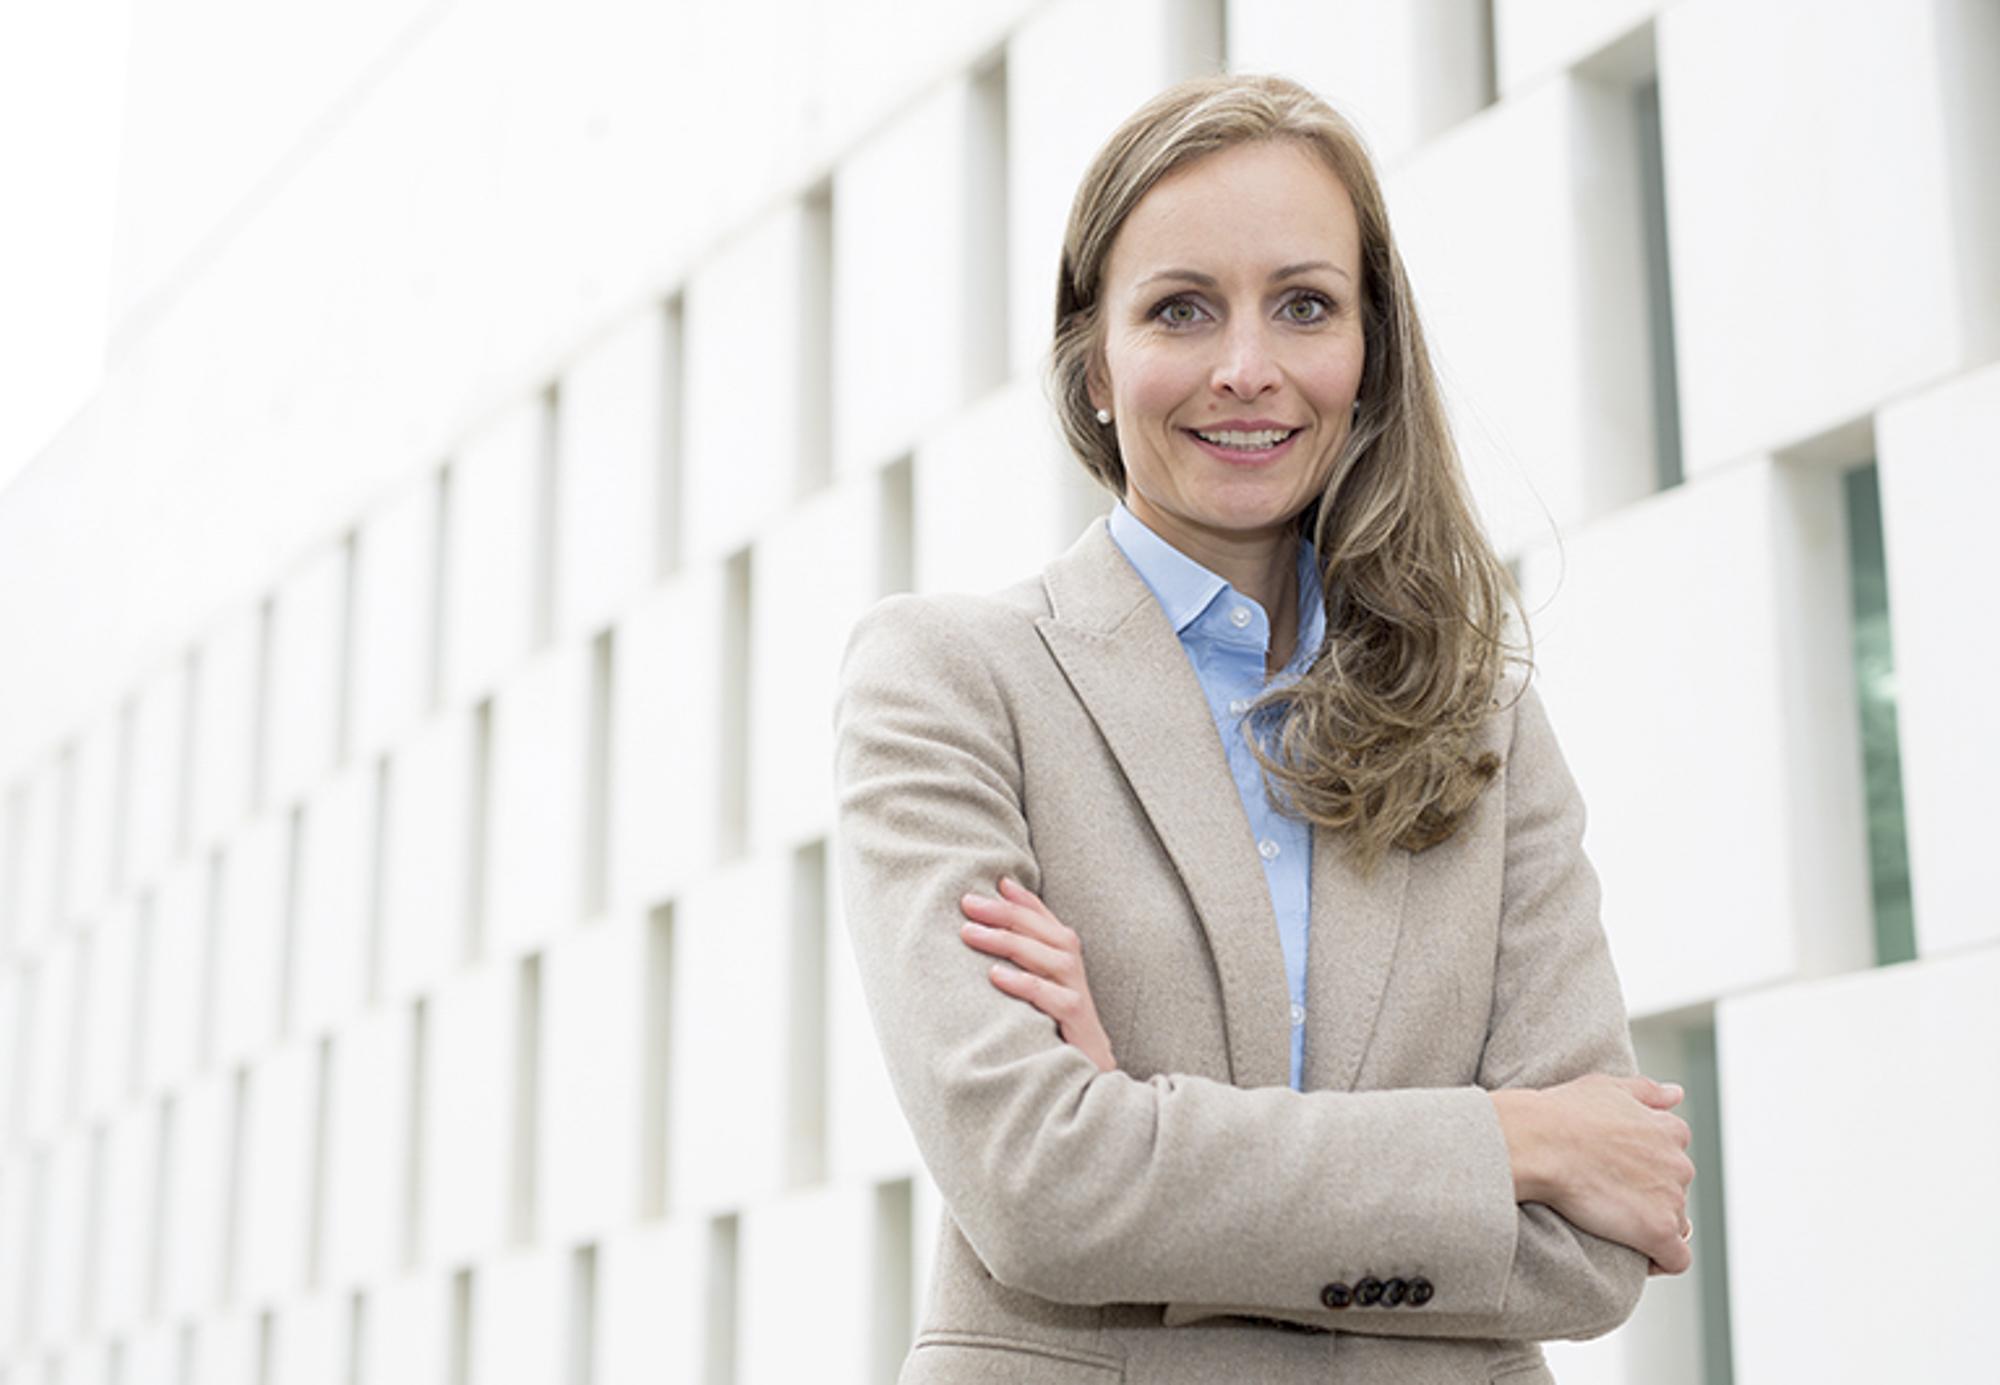 Bewerbungsfoto, Portrait, Spanien, Spain, Sevilla, Seville, Business Portrait